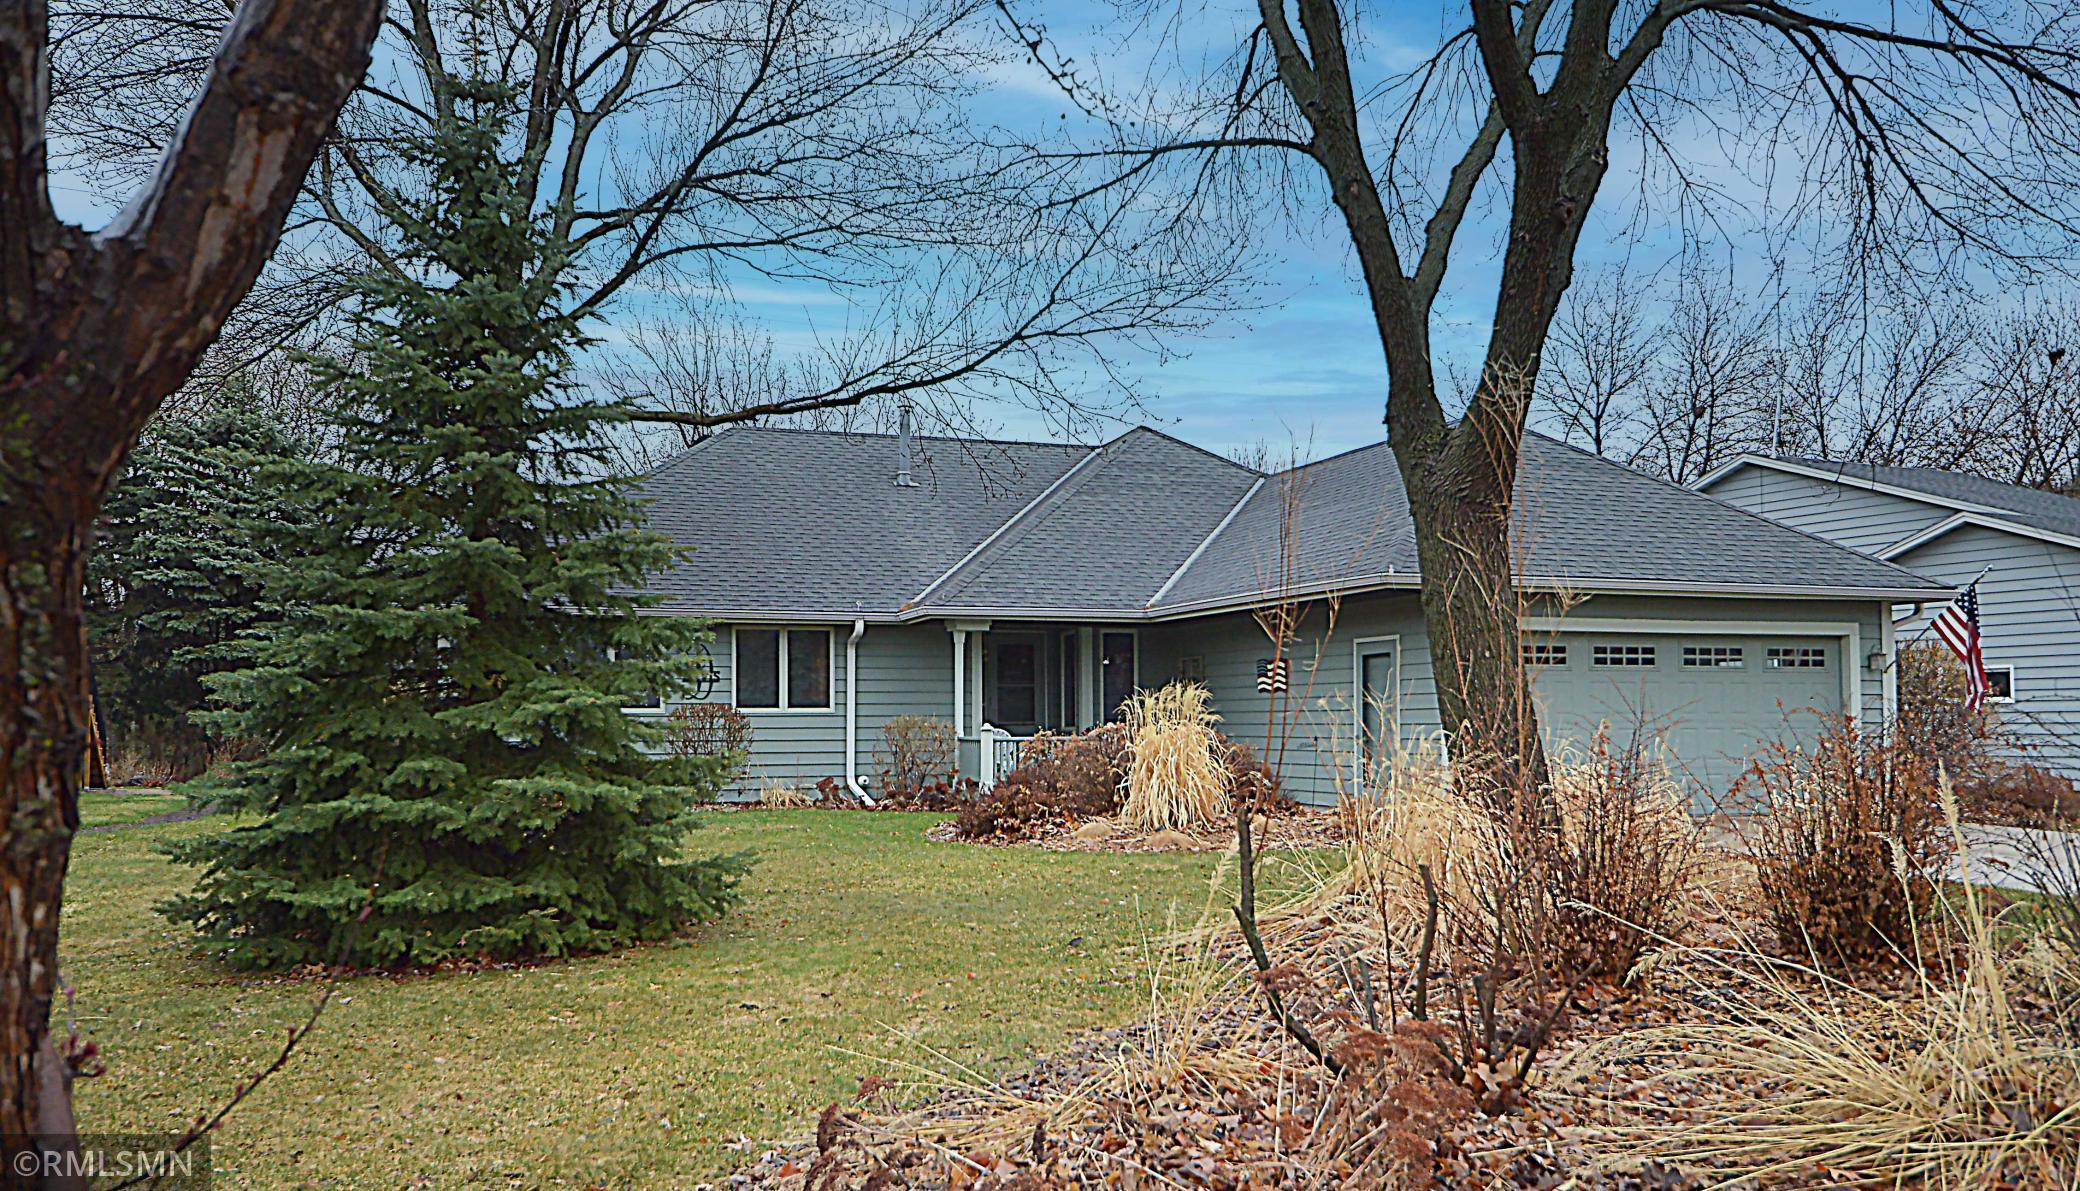 1528 Prairie Hill Road, Saint Cloud MN 56301 - Photo 1